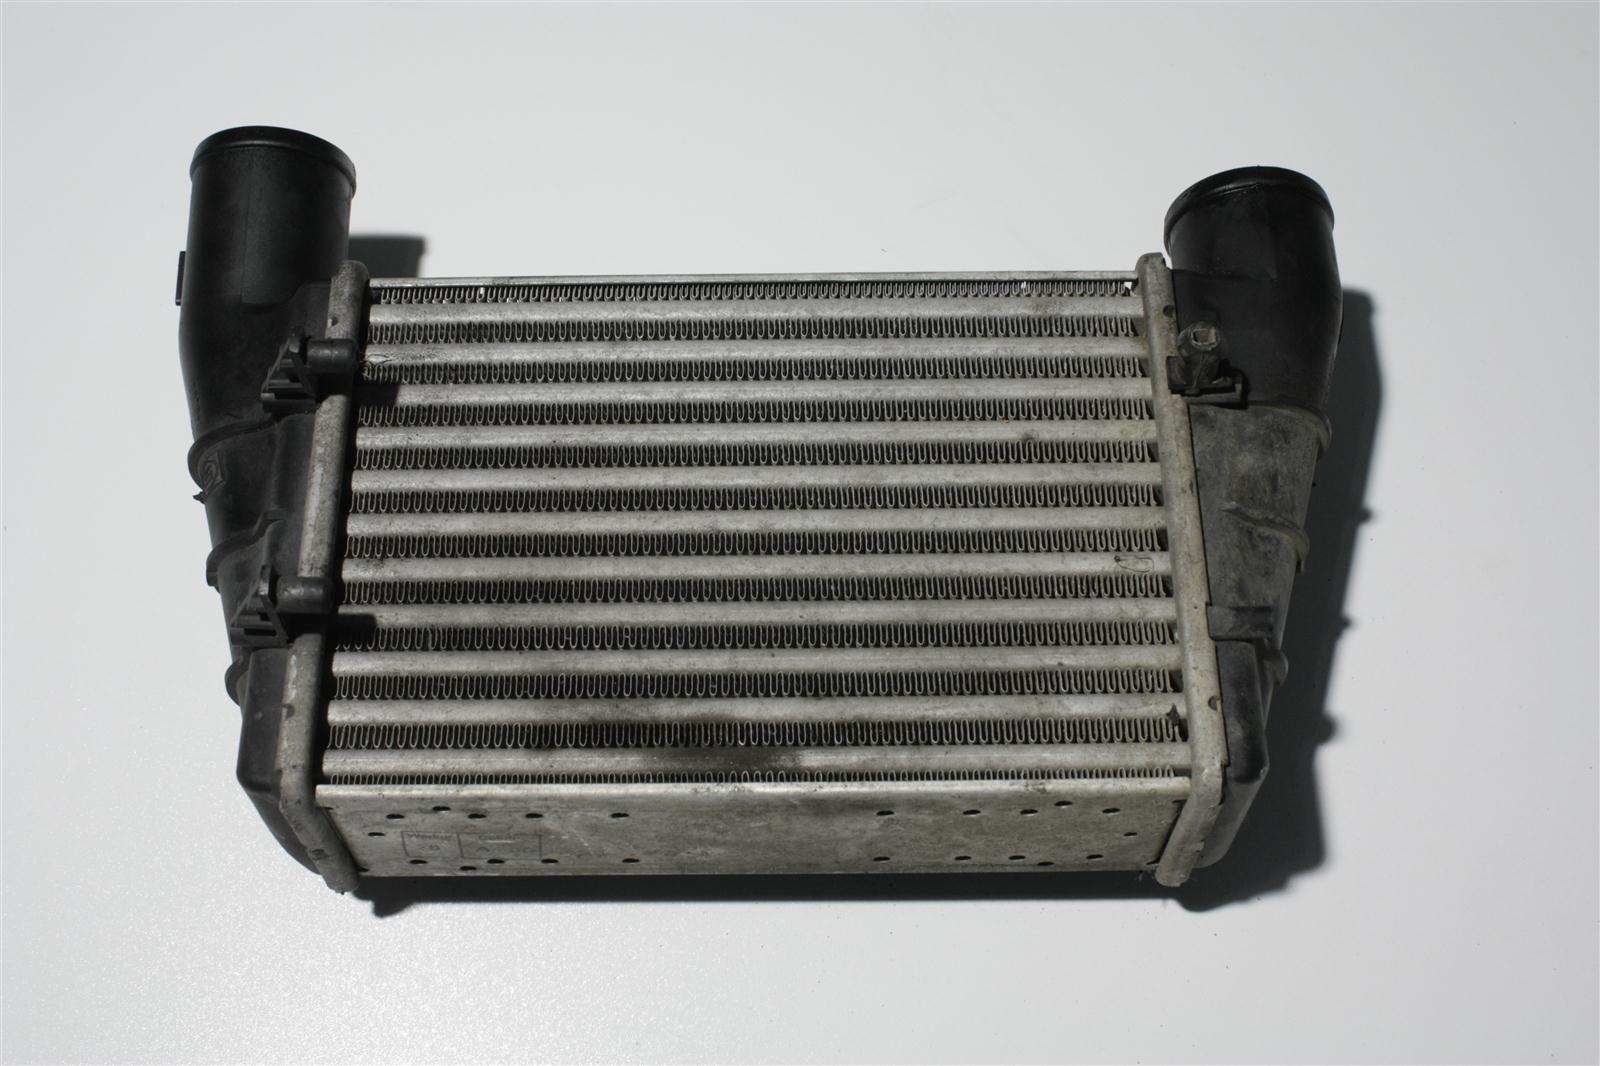 Audi A4 B5/A6 4B 1.8 Turbo/1.9 TDI Ladeluftkühler 058145805G 058145805A